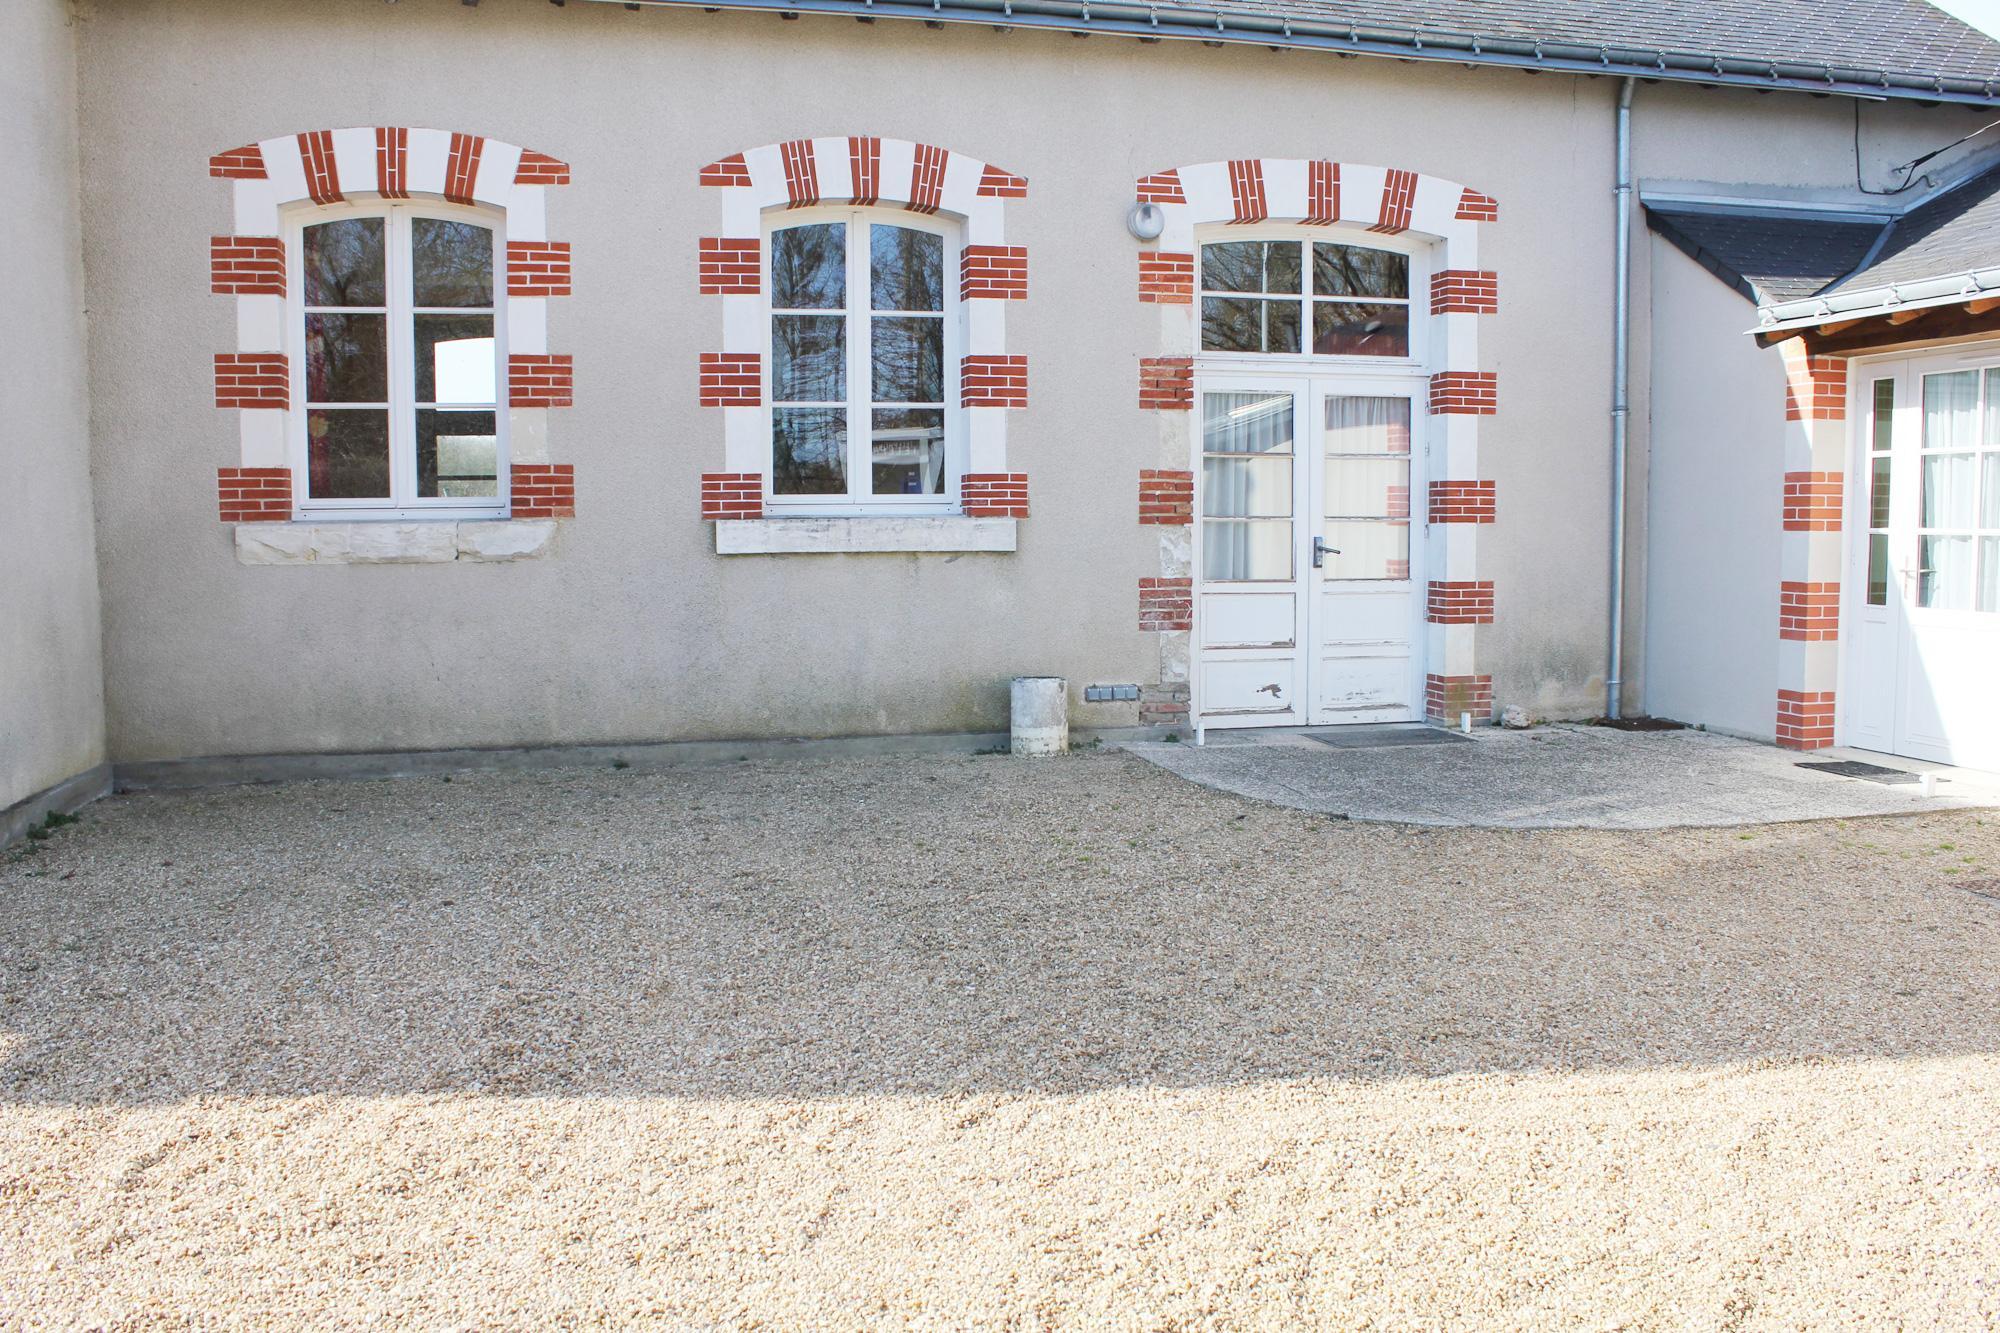 Salle des fêtes de Linières-Bouton